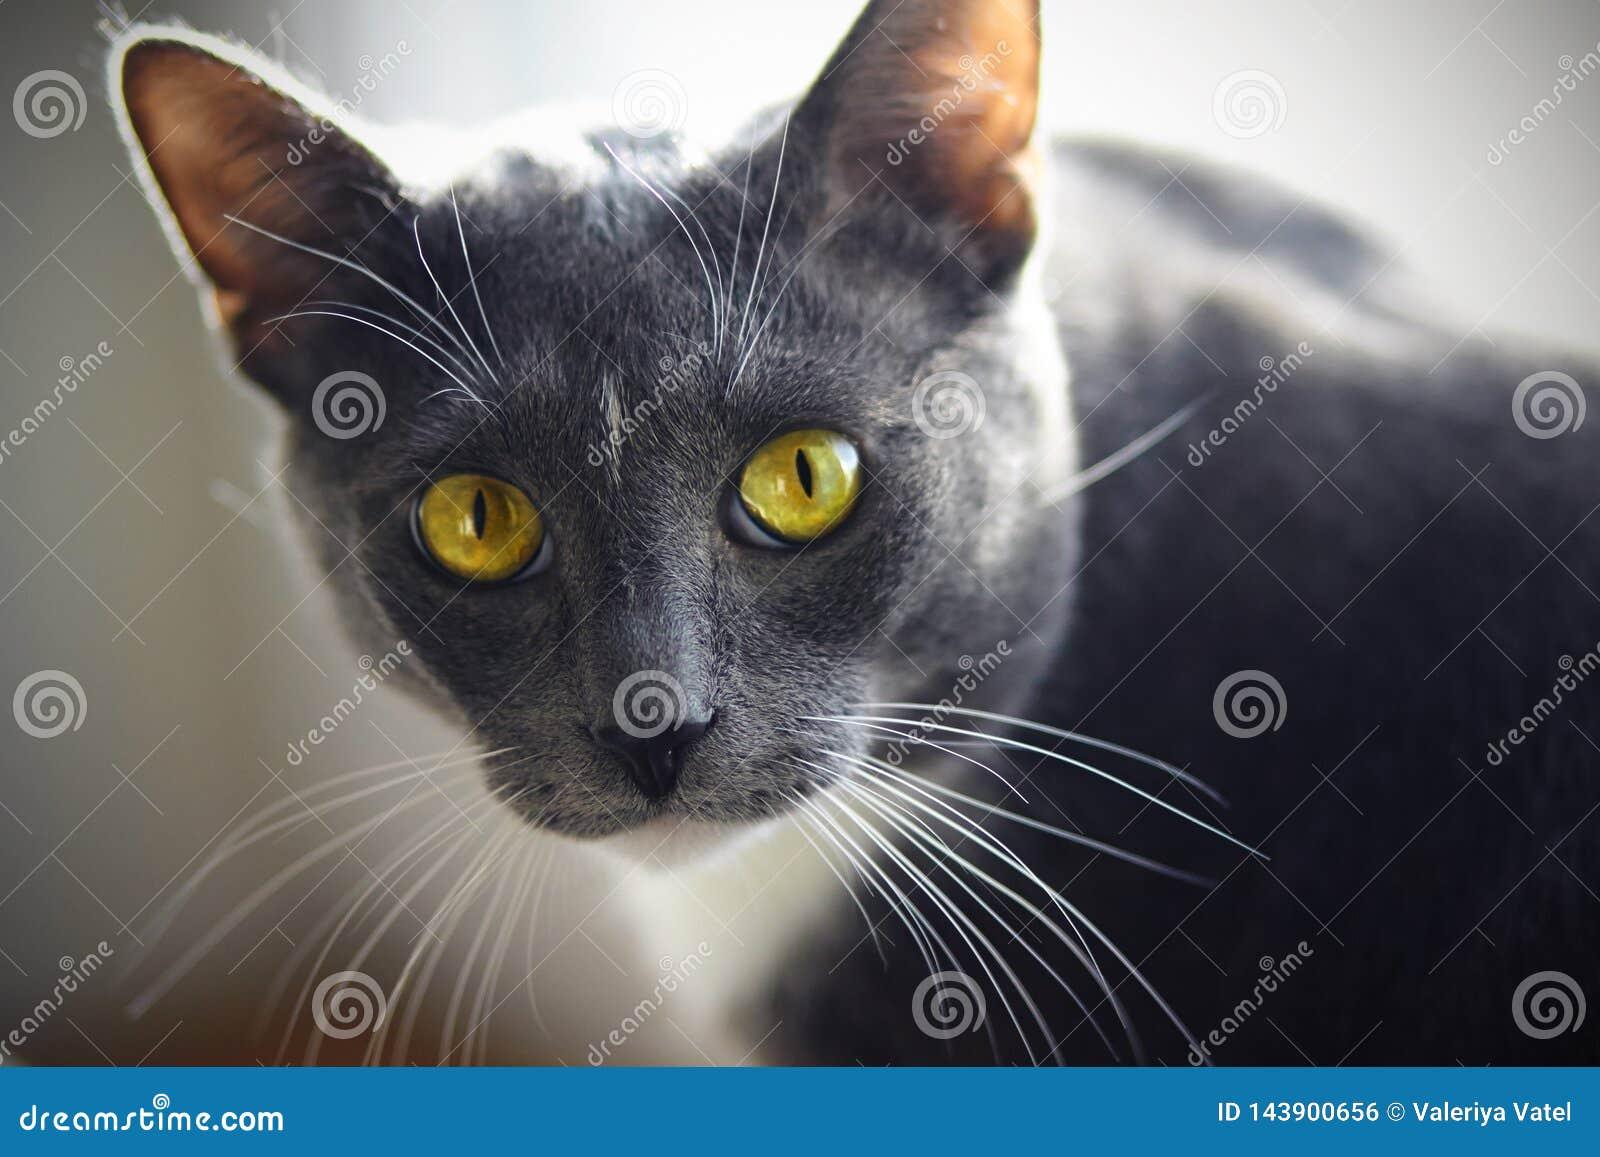 Un gato casero hermoso del color gris con un punto blanco en la frente